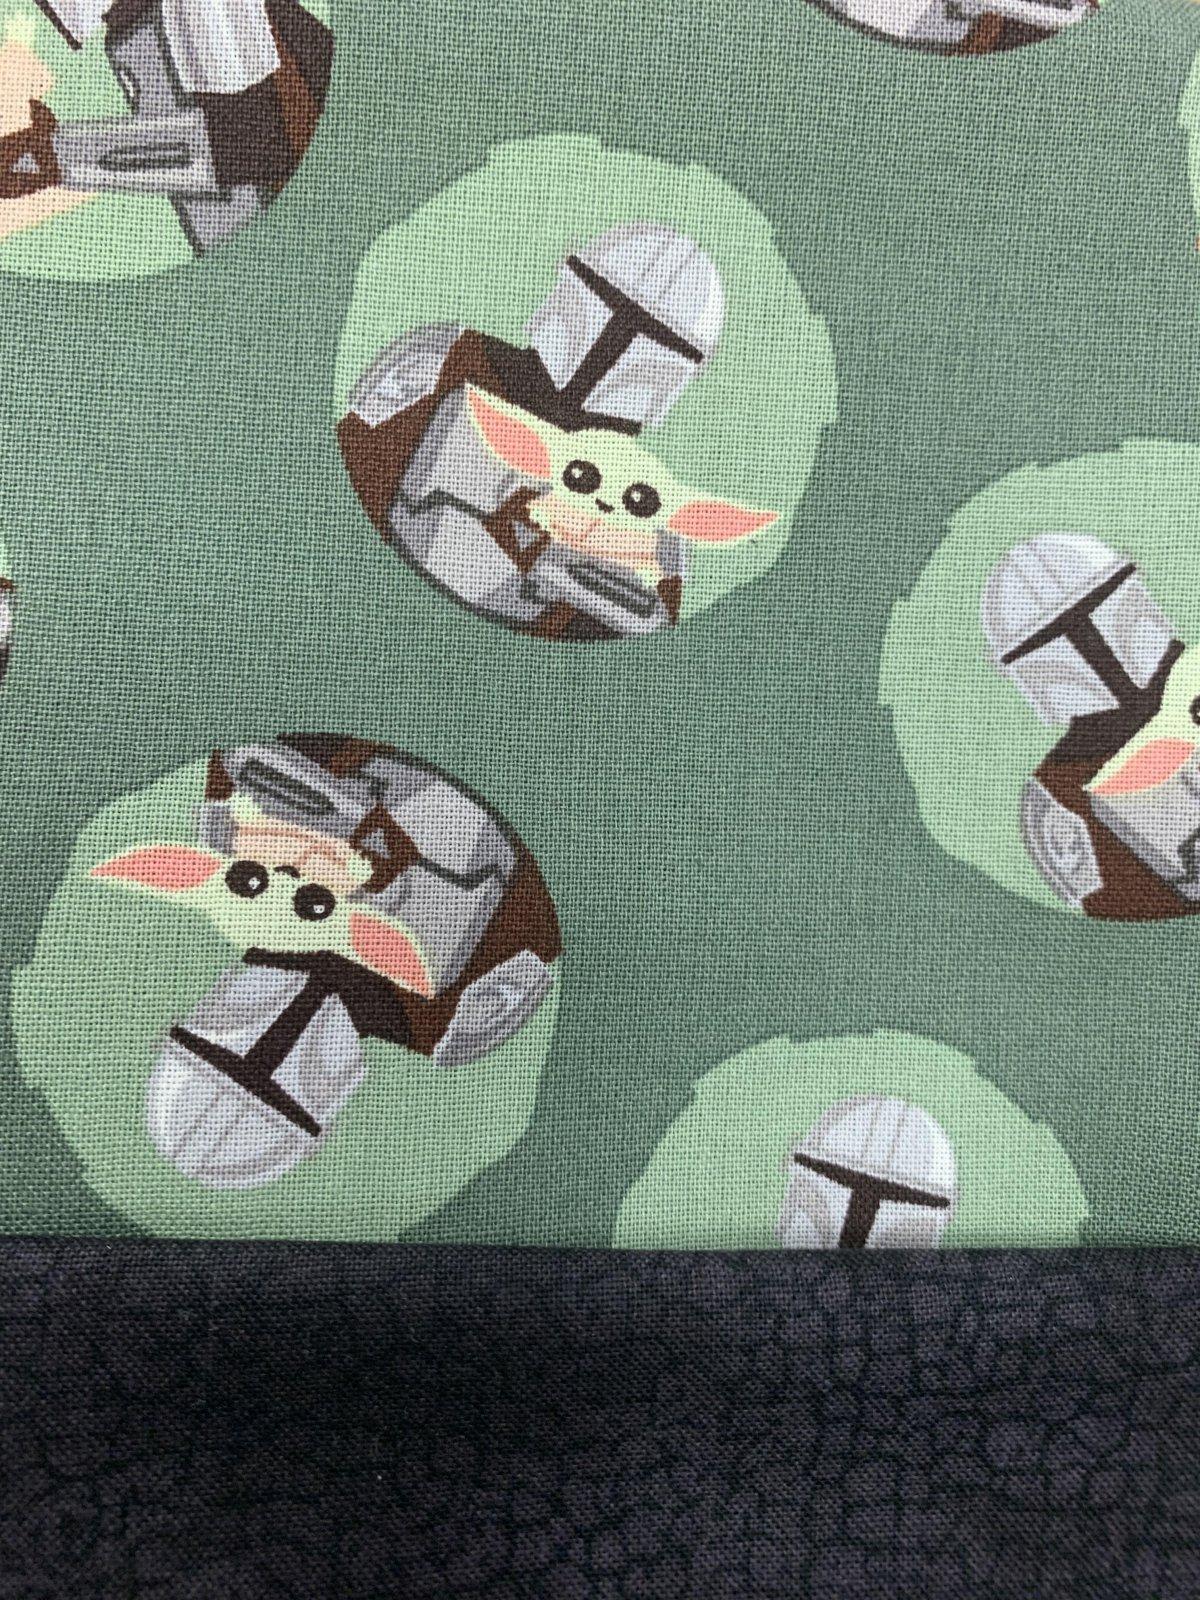 Mandalorian & Grogu Pillowcase Kit